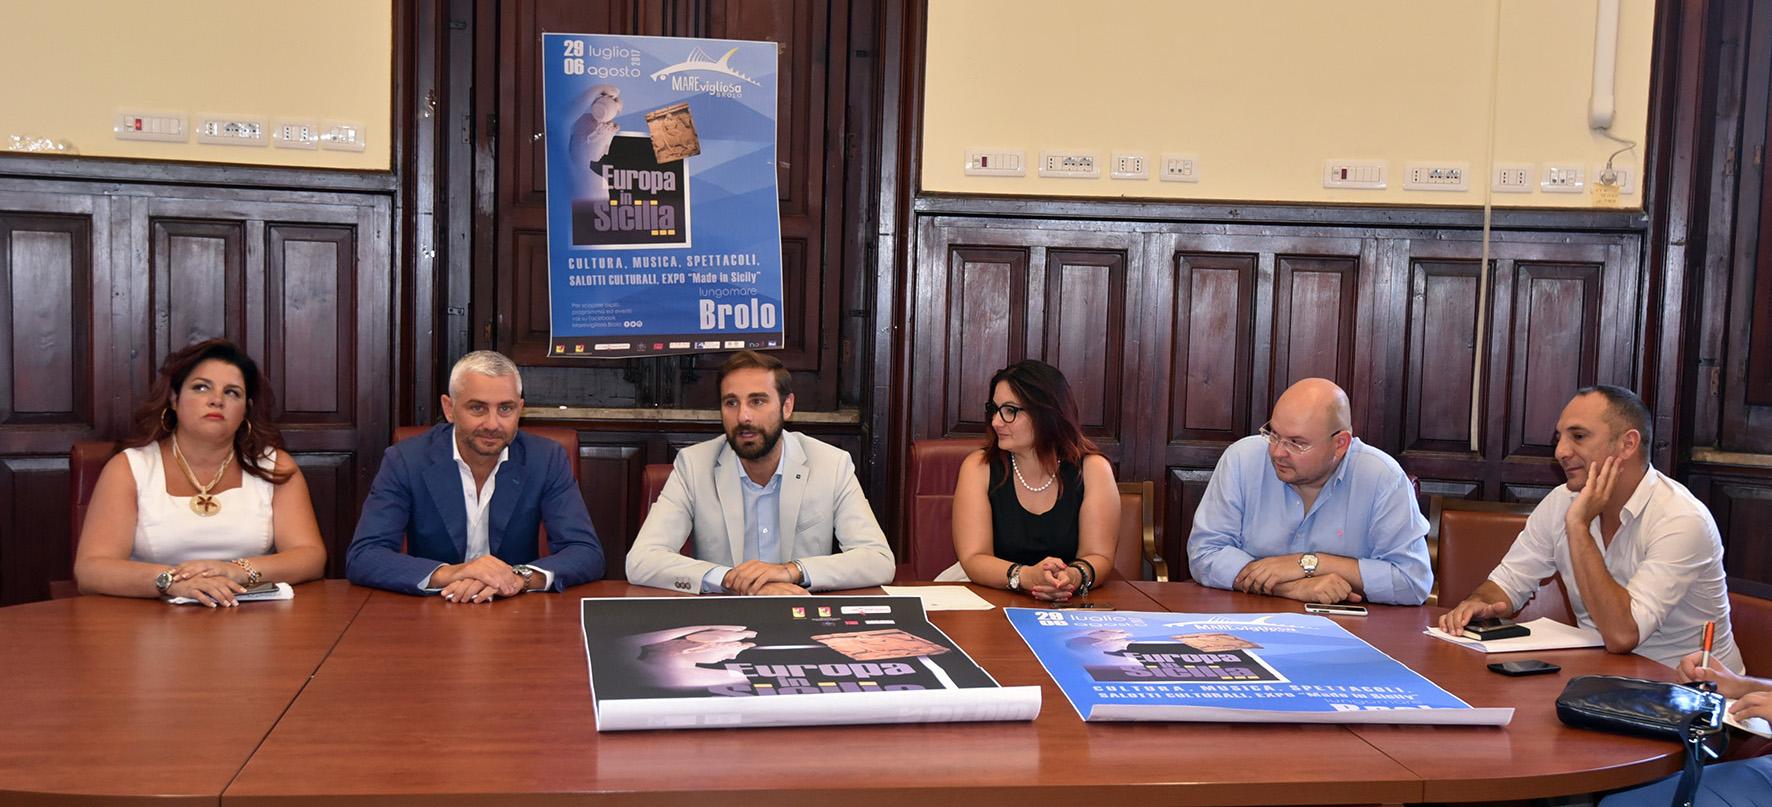 Conferenza Stampa - Emanuela Ricciardi Rizzo, Nino Germanà, Massimiliano Cavaleri, Irene Ricciardello, Fabio Longo e Salvatore Gentile